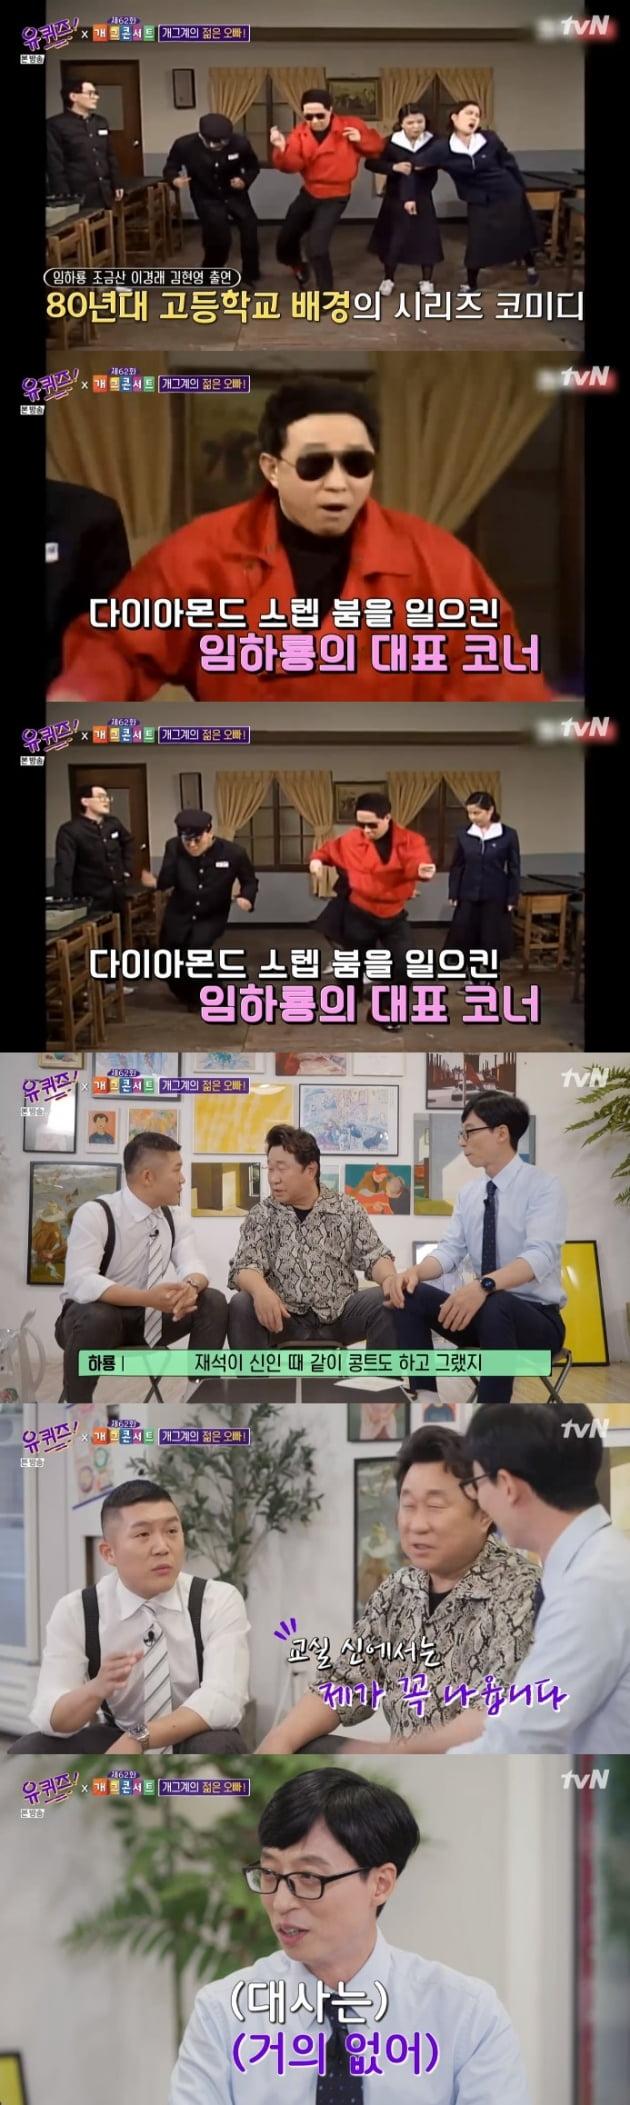 '유 퀴즈 온 더 블럭' 유재석 임하룡 / 사진 = tvN 영상 캡처